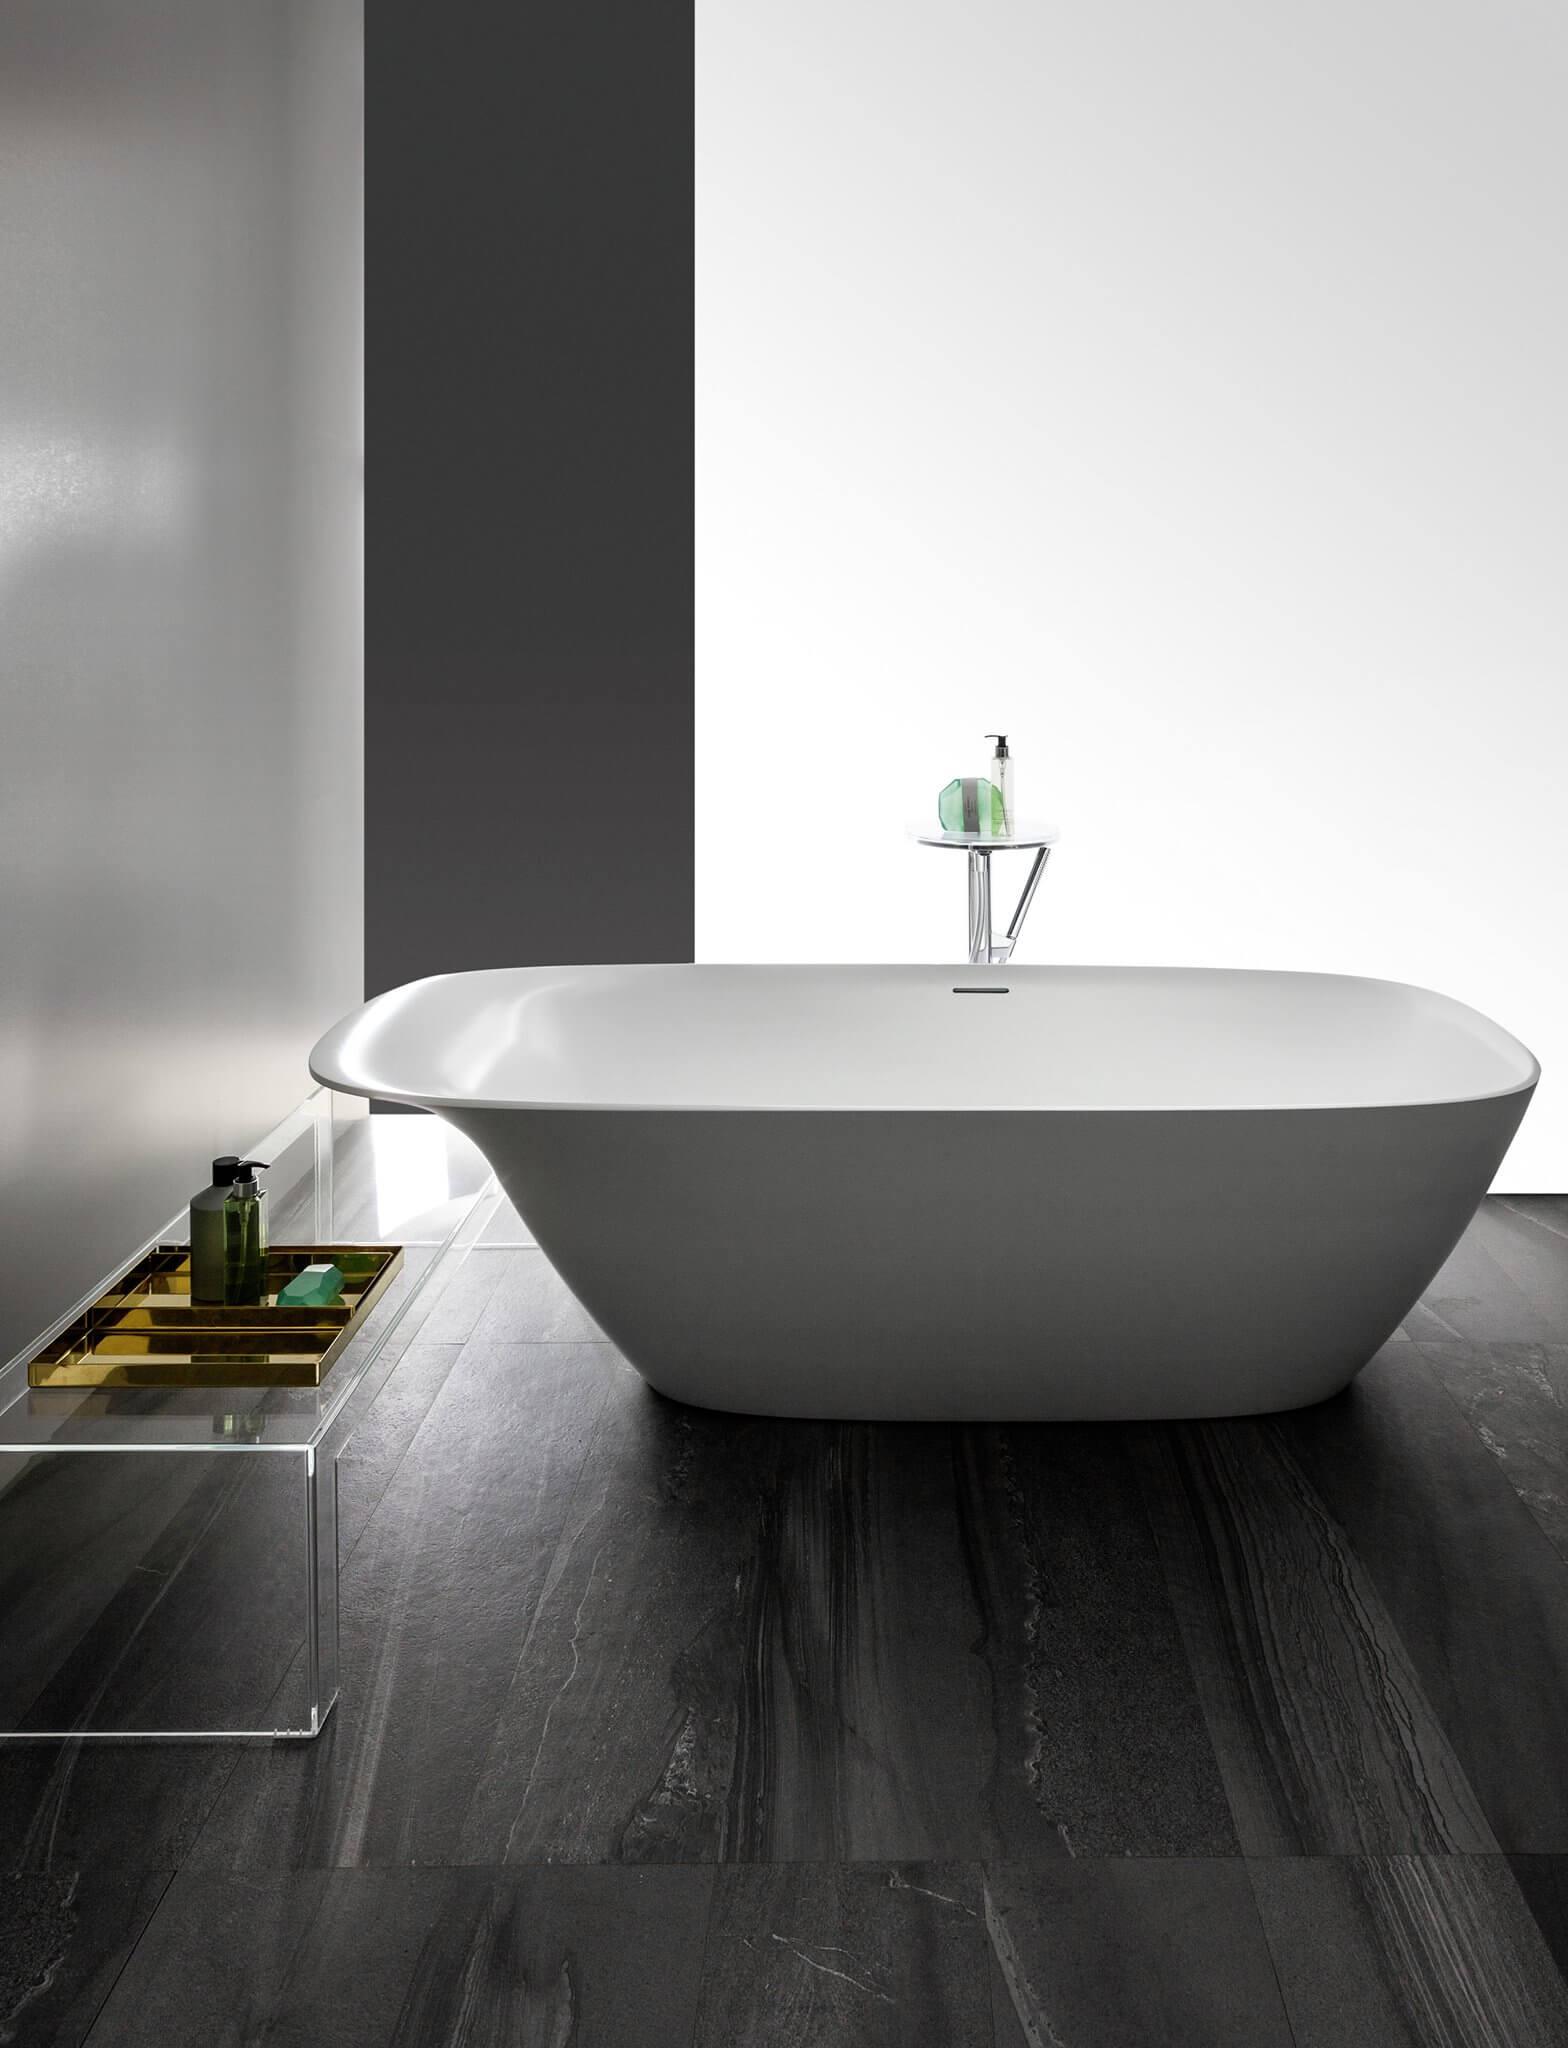 laufen bathrooms prasentierte designkreationen auf der ish 2017. Black Bedroom Furniture Sets. Home Design Ideas